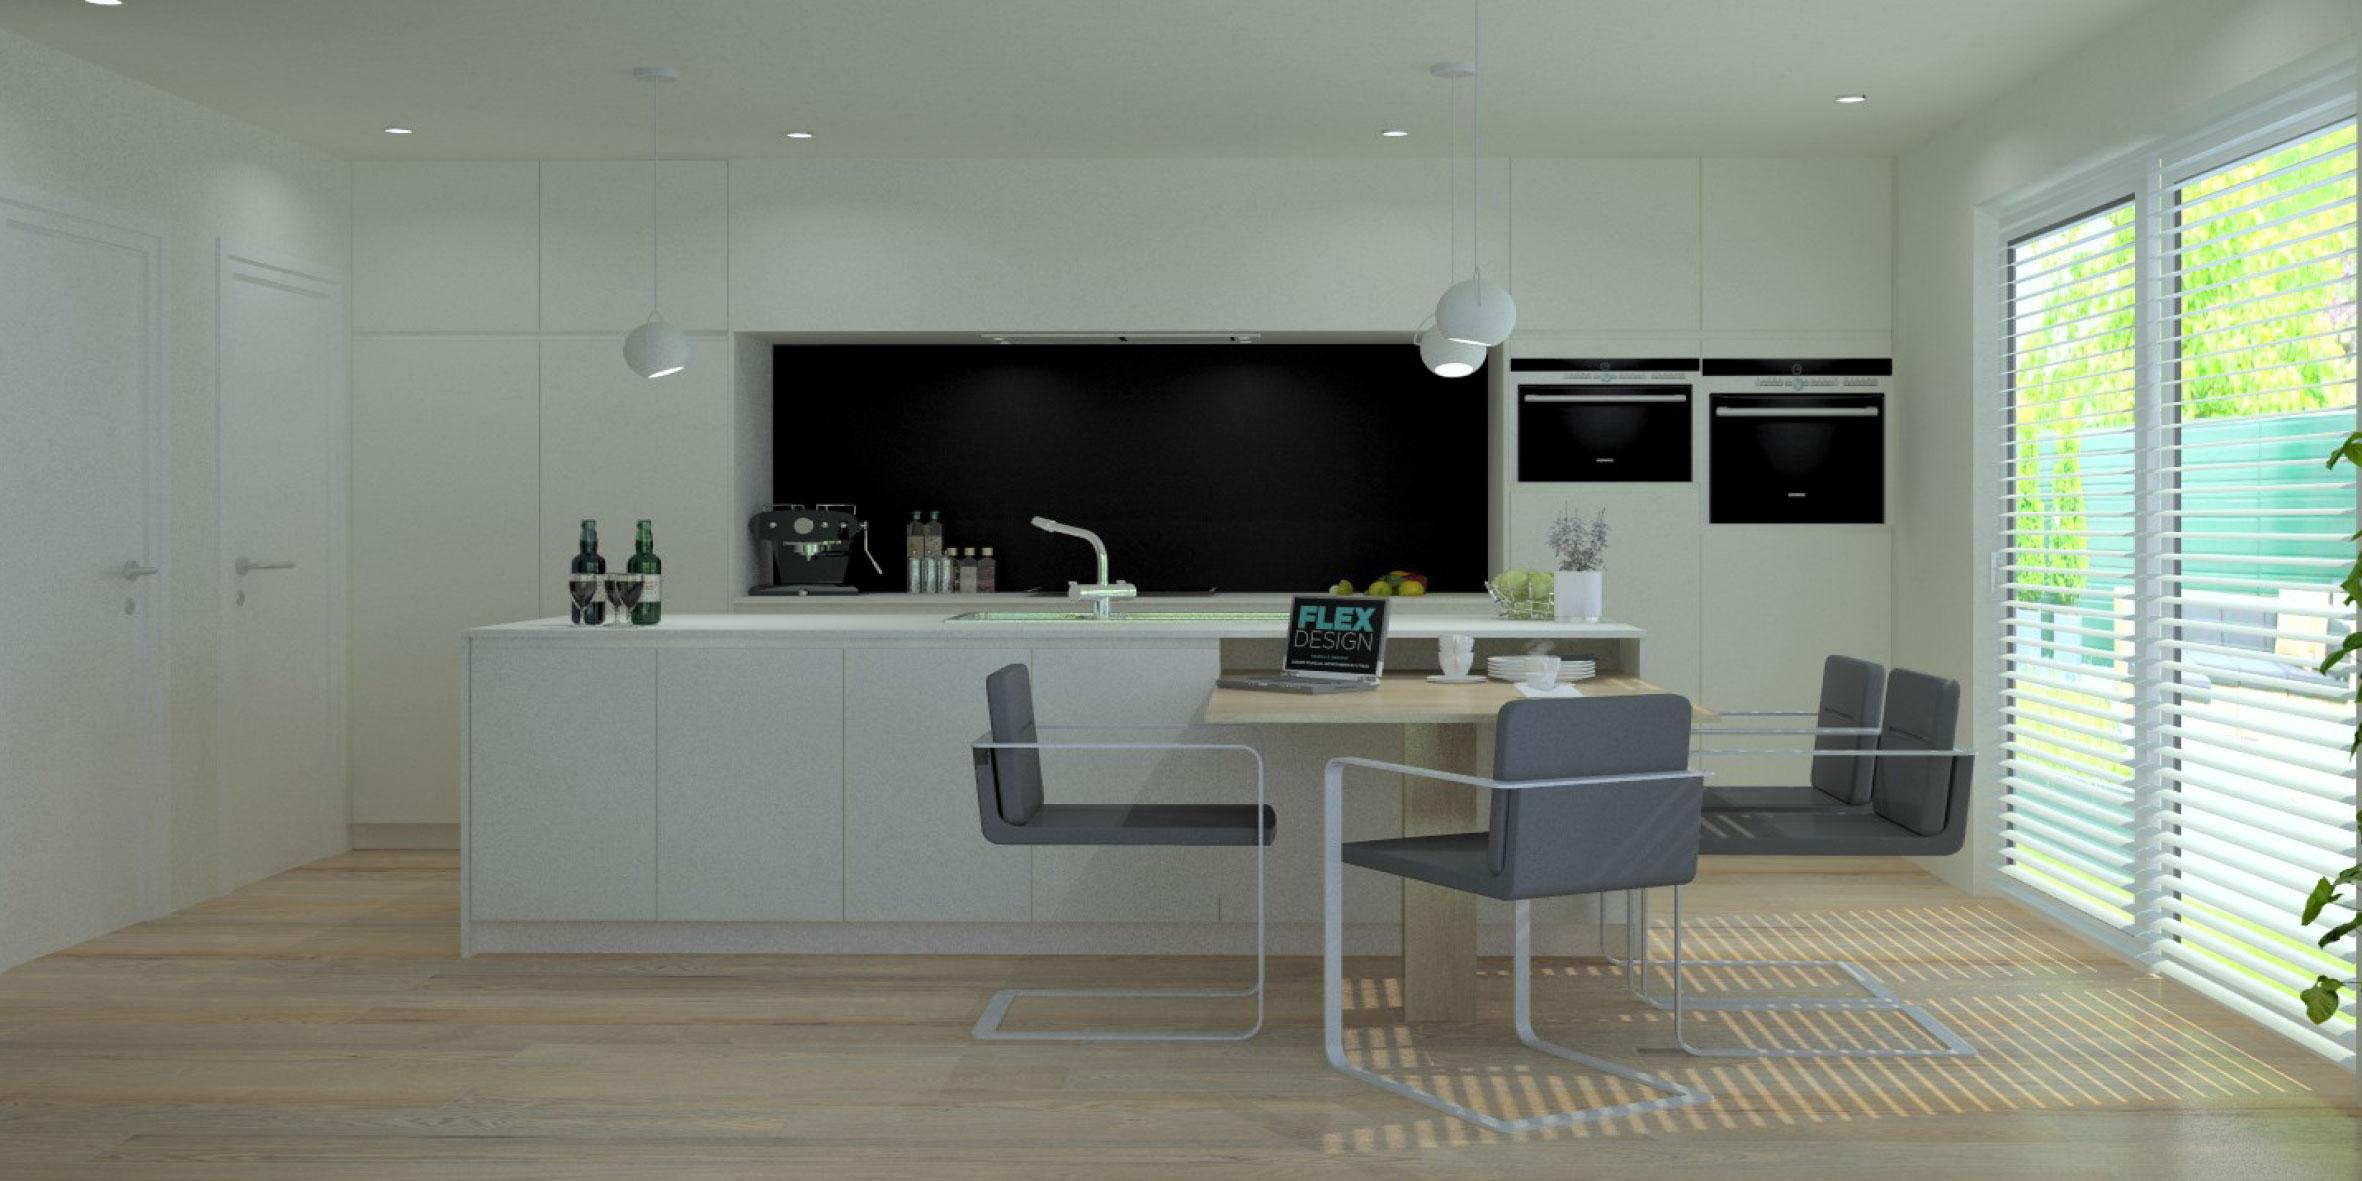 Keuken 64 flex design for Keuken 3d ontwerpen